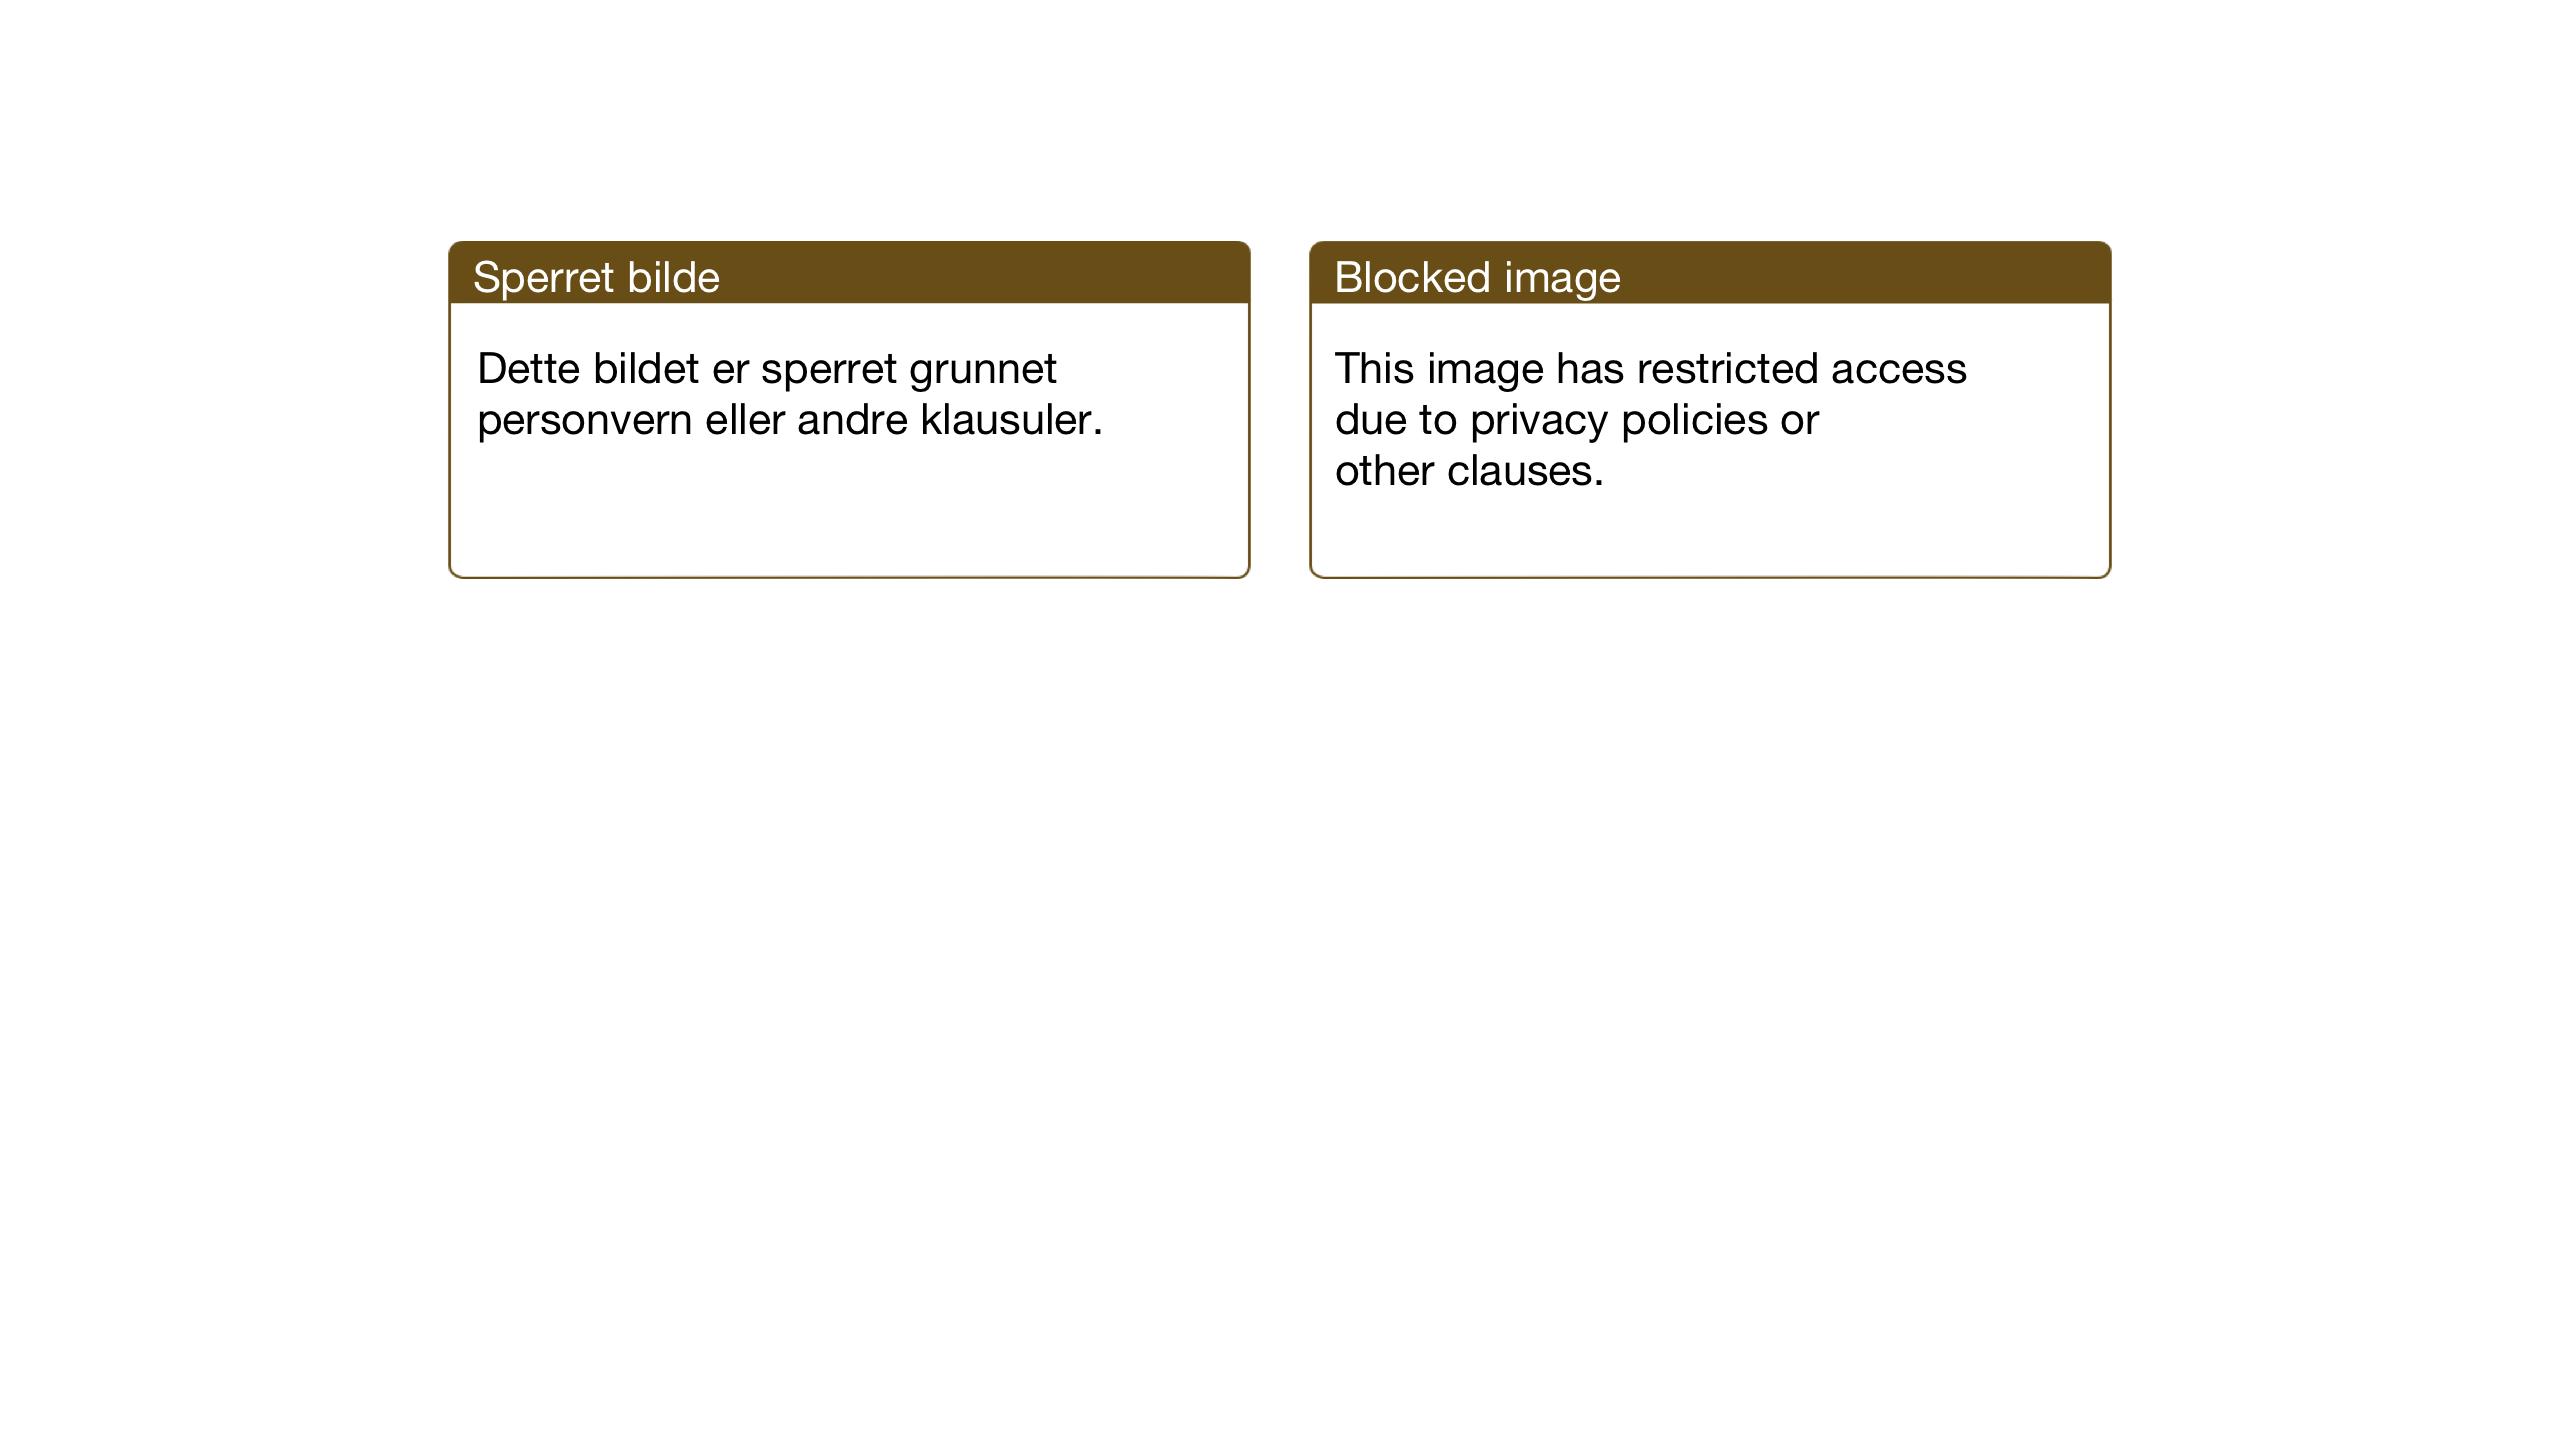 SAT, Ministerialprotokoller, klokkerbøker og fødselsregistre - Sør-Trøndelag, 637/L0564: Klokkerbok nr. 637C05, 1928-1968, s. 46